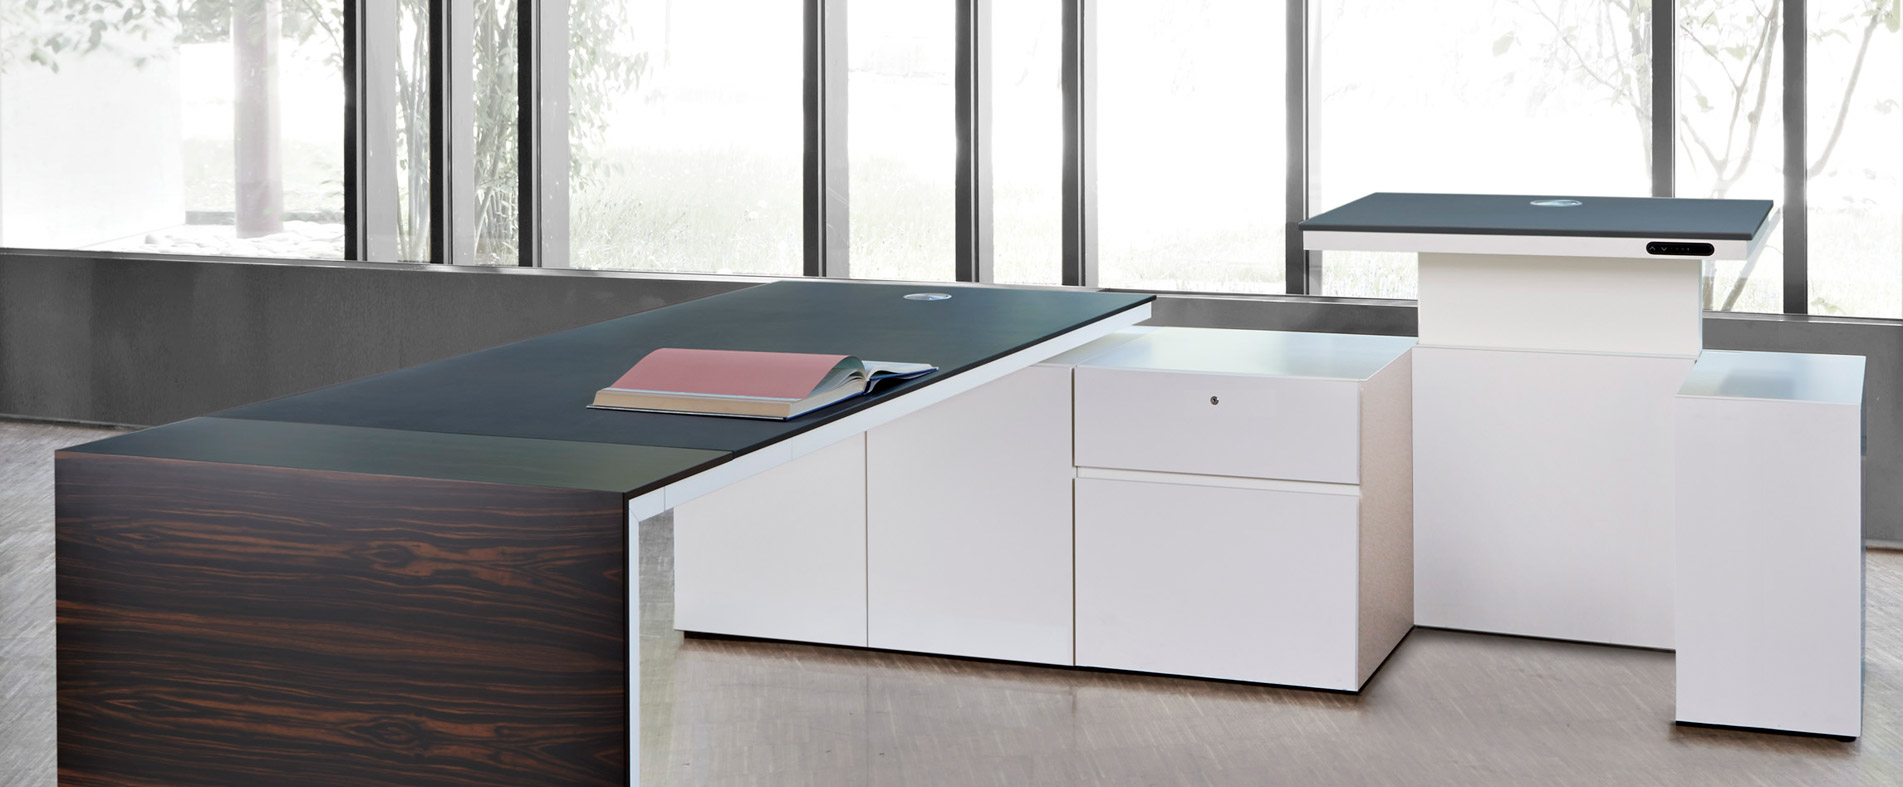 Acuros Schreibtisch auf Technikboard, Platte  elektrisch höhenverstellbar